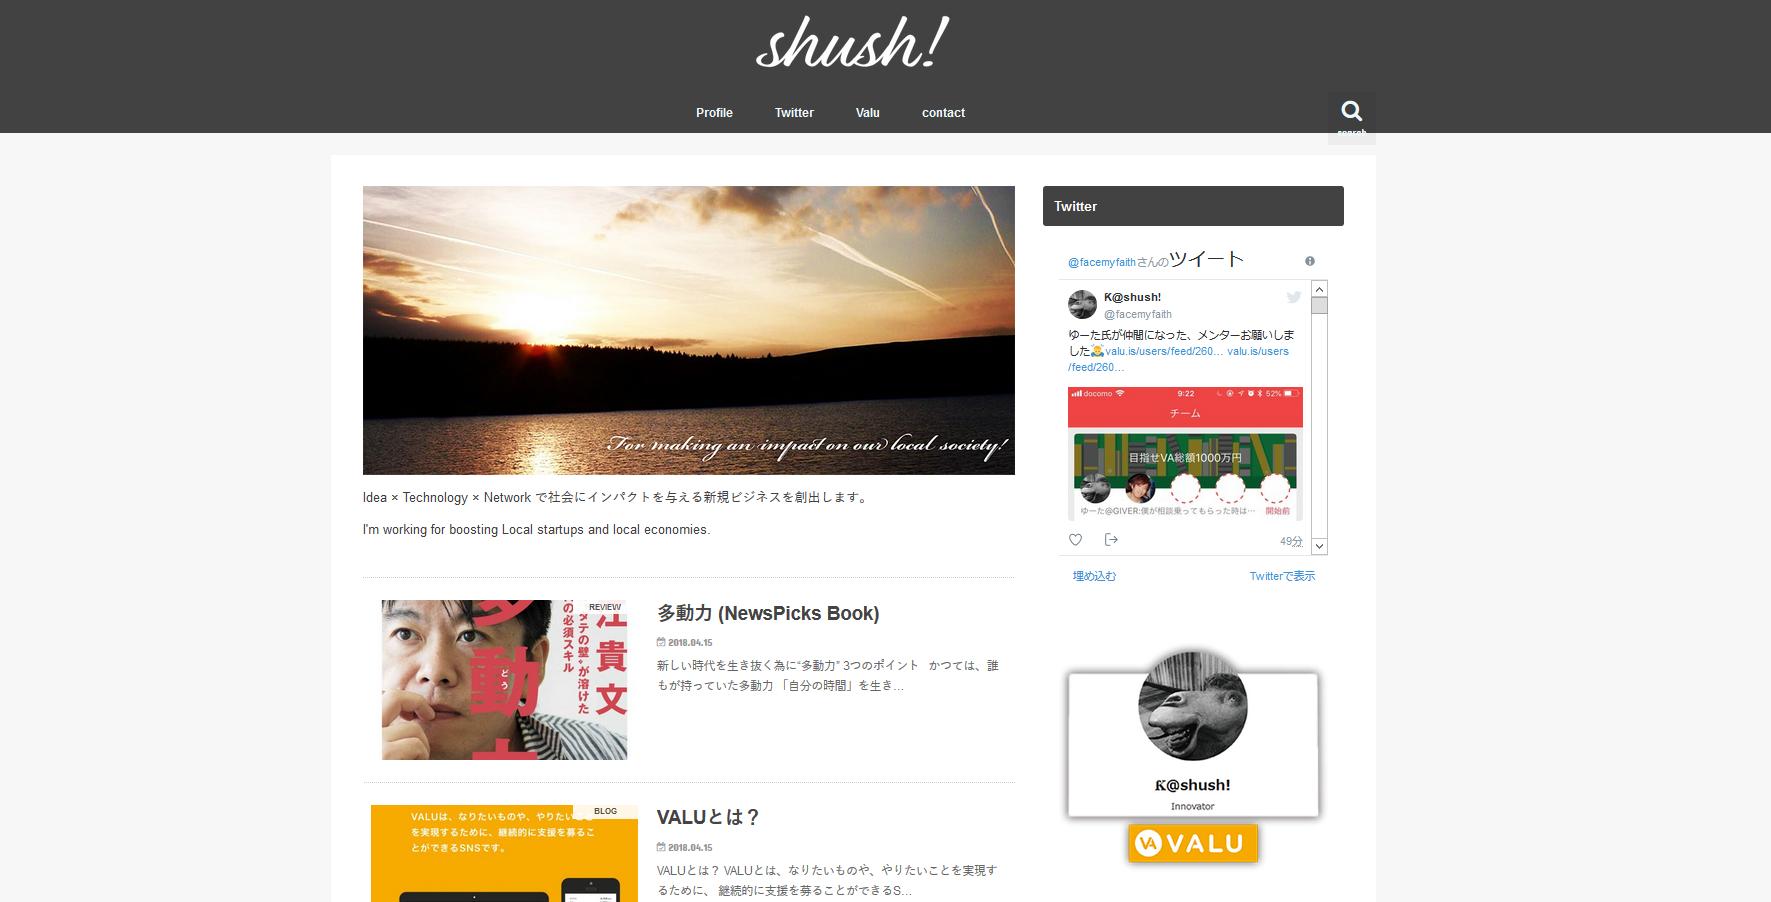 【ビジネス】shush!のブログ